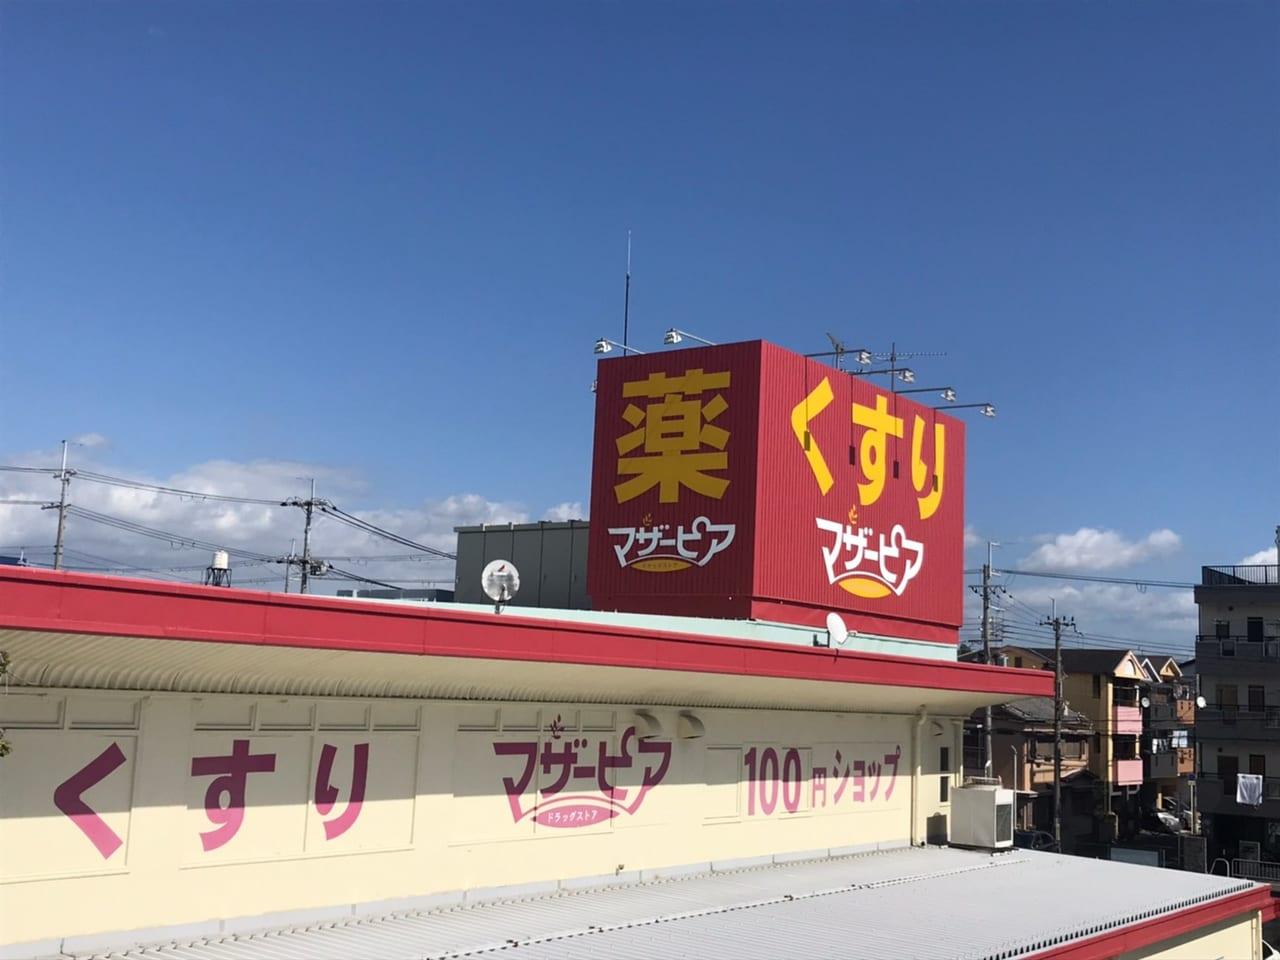 寝屋川市】『マザーピア』寝屋川店が完全閉店。マザーピア6店は ...